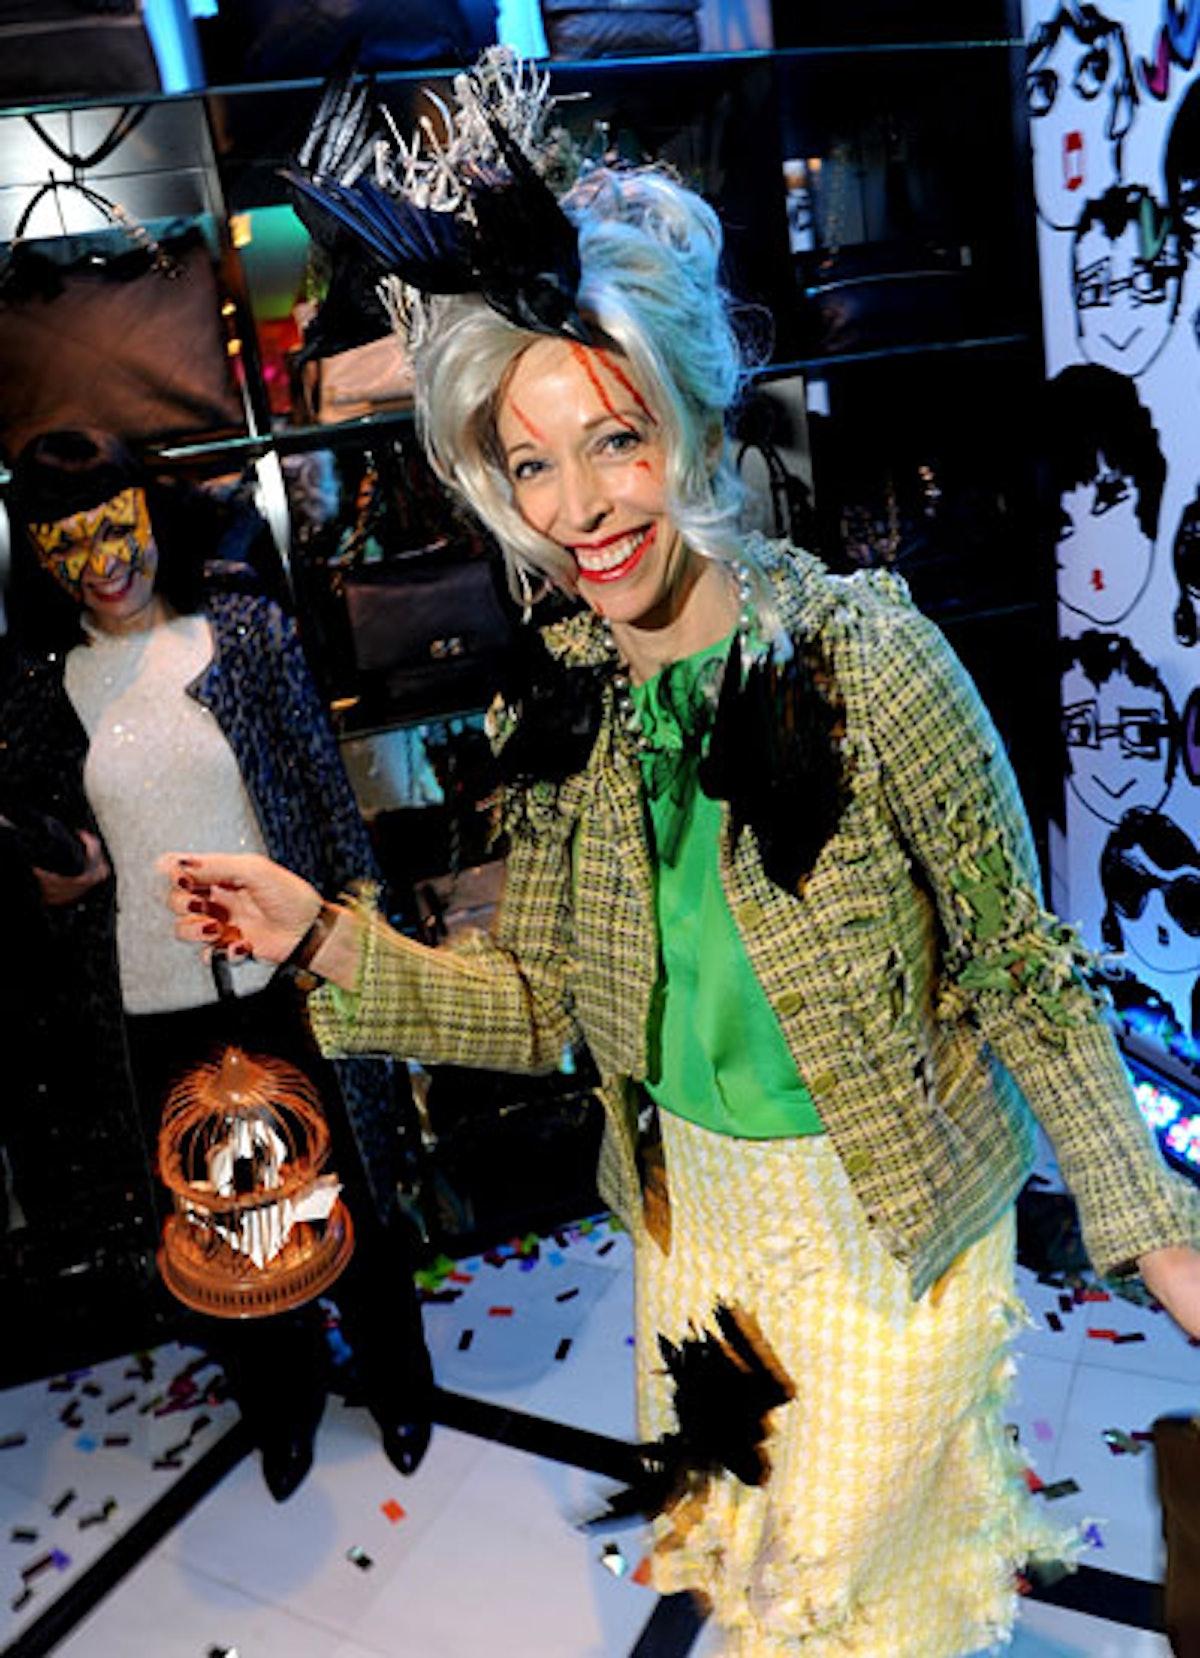 pass-wild-halloween-costumes-04-v.jpg